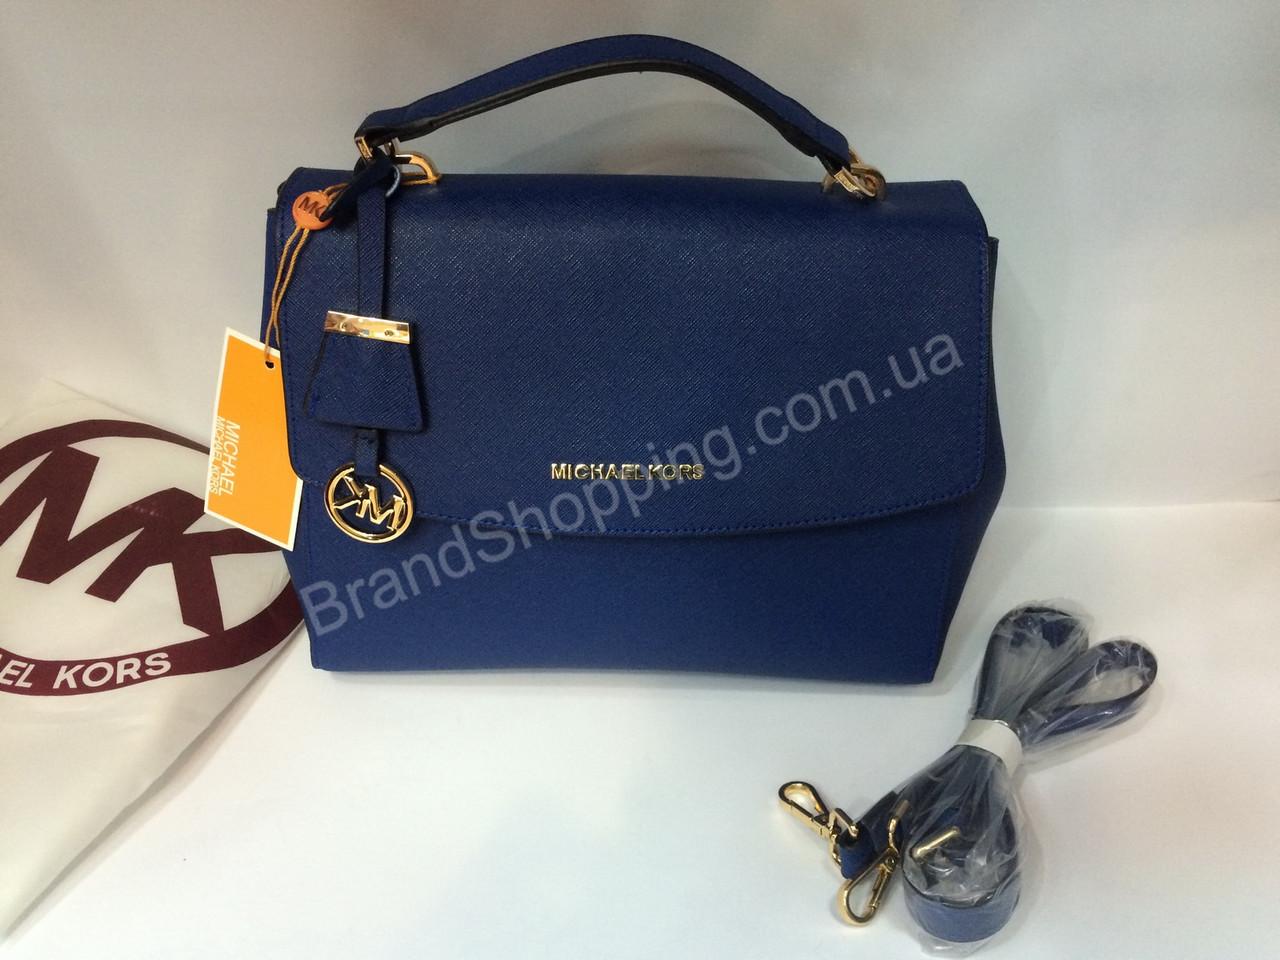 f90050917979 Женская кожаная сумка Michael Kors Blue0146s - Trendshops в Харькове